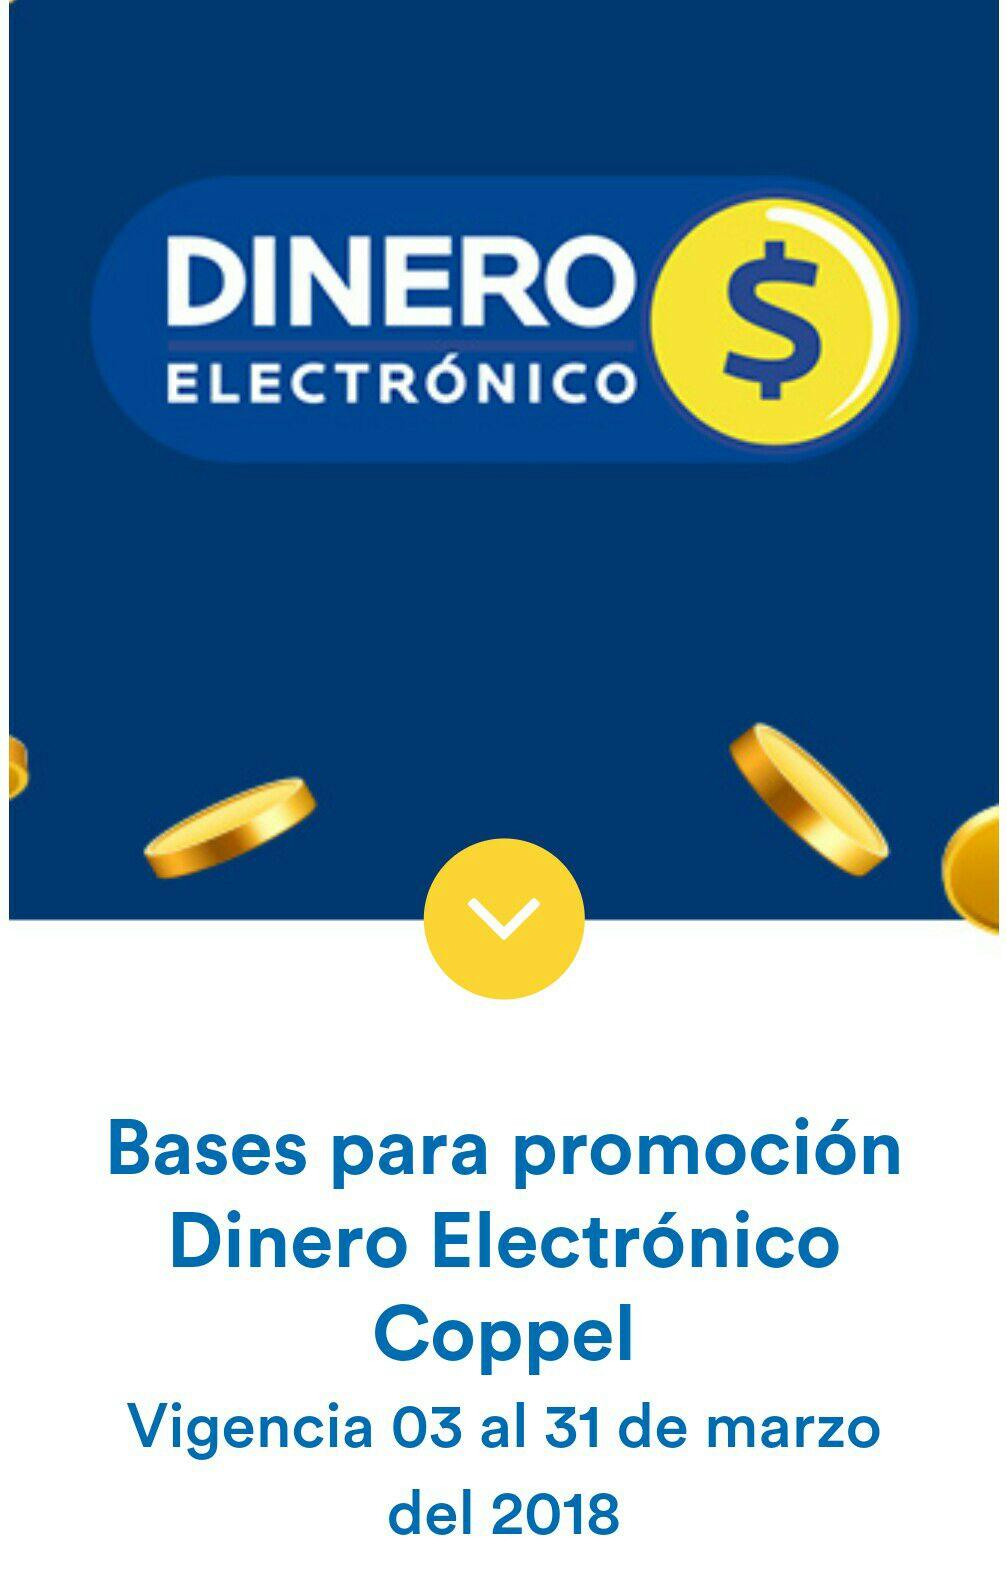 Coppel: todas tus compras te dan 10% en dinero electronico.